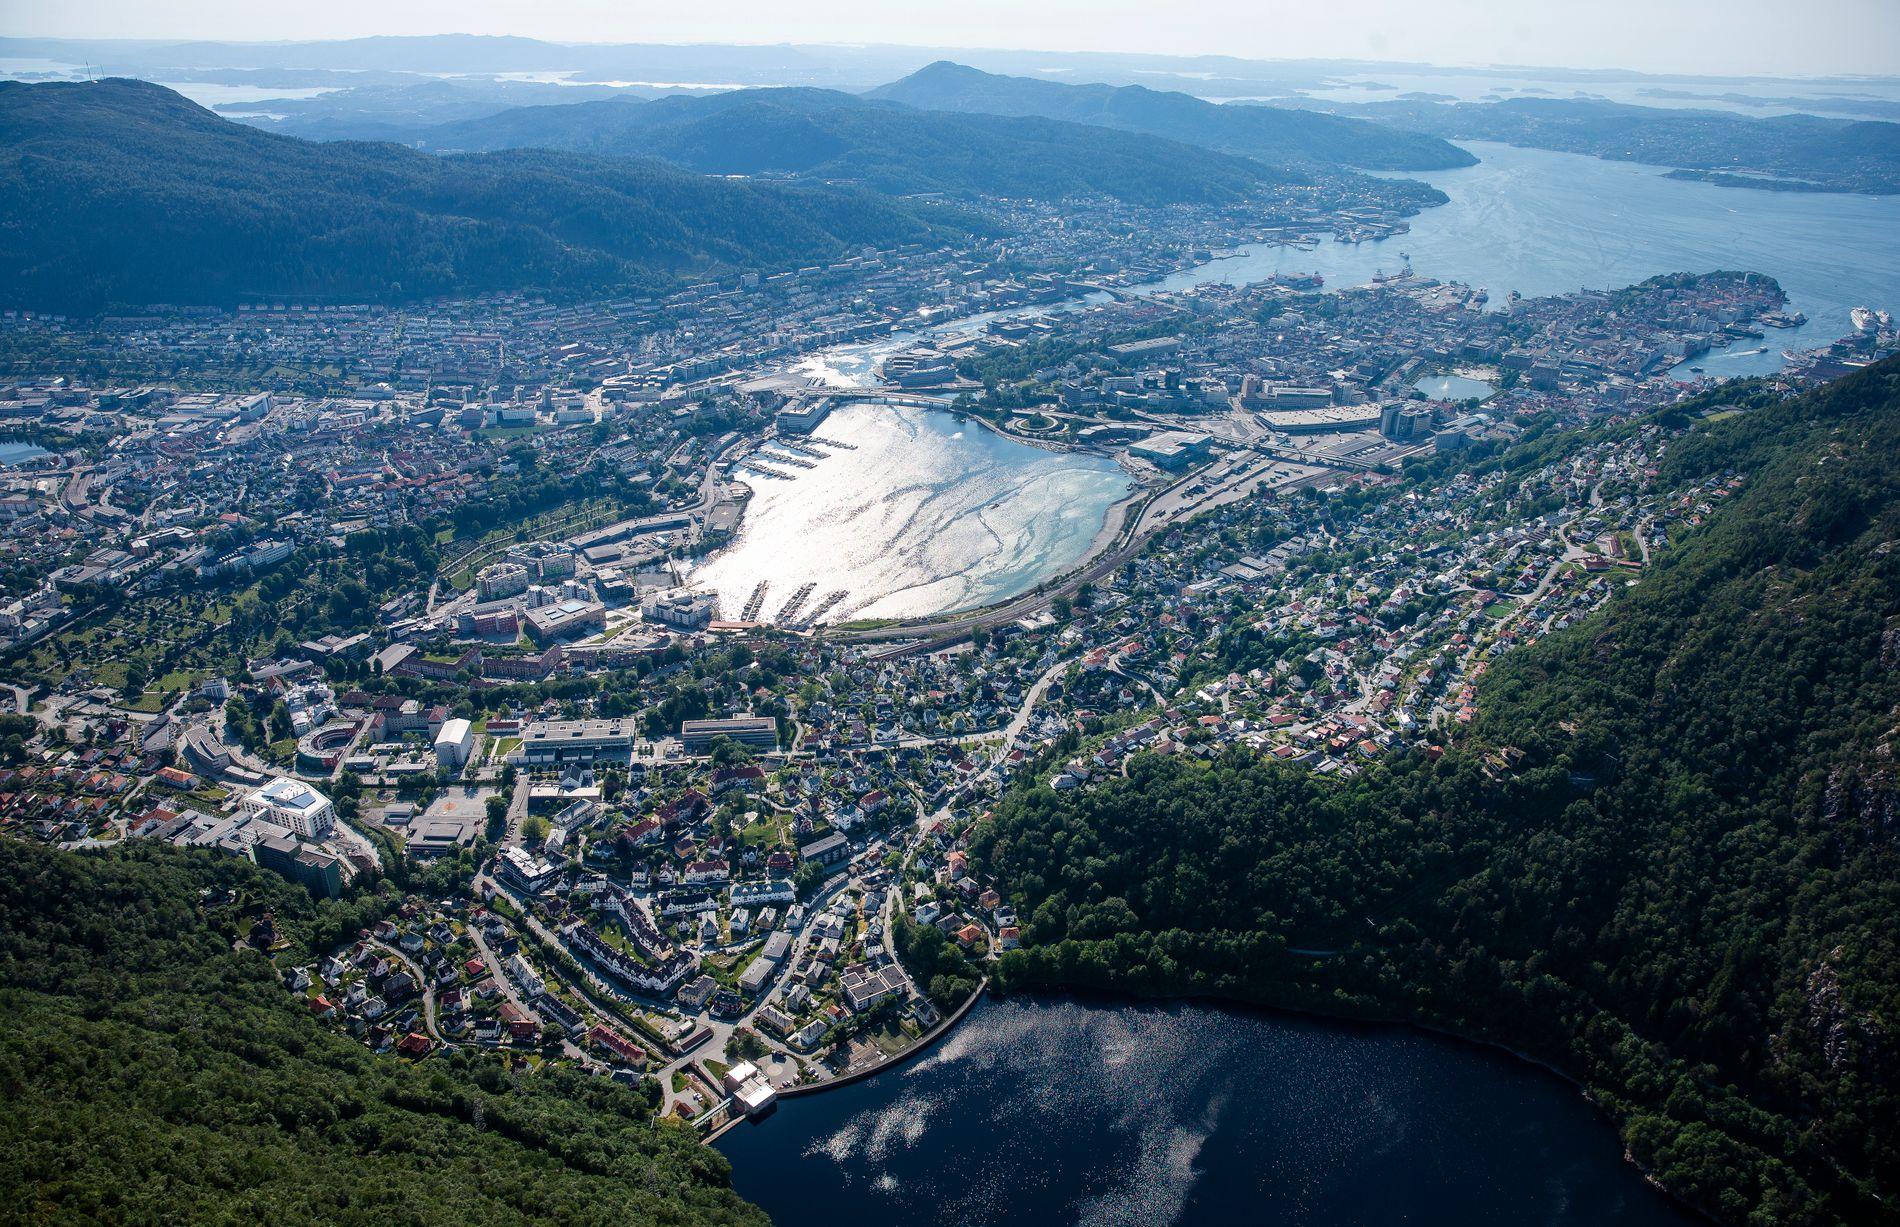 UNIKT: Sivilarkitekt Marianne Skjulhaug mener byrommet i Bergen skiller seg ut fra andre byer i Norden.